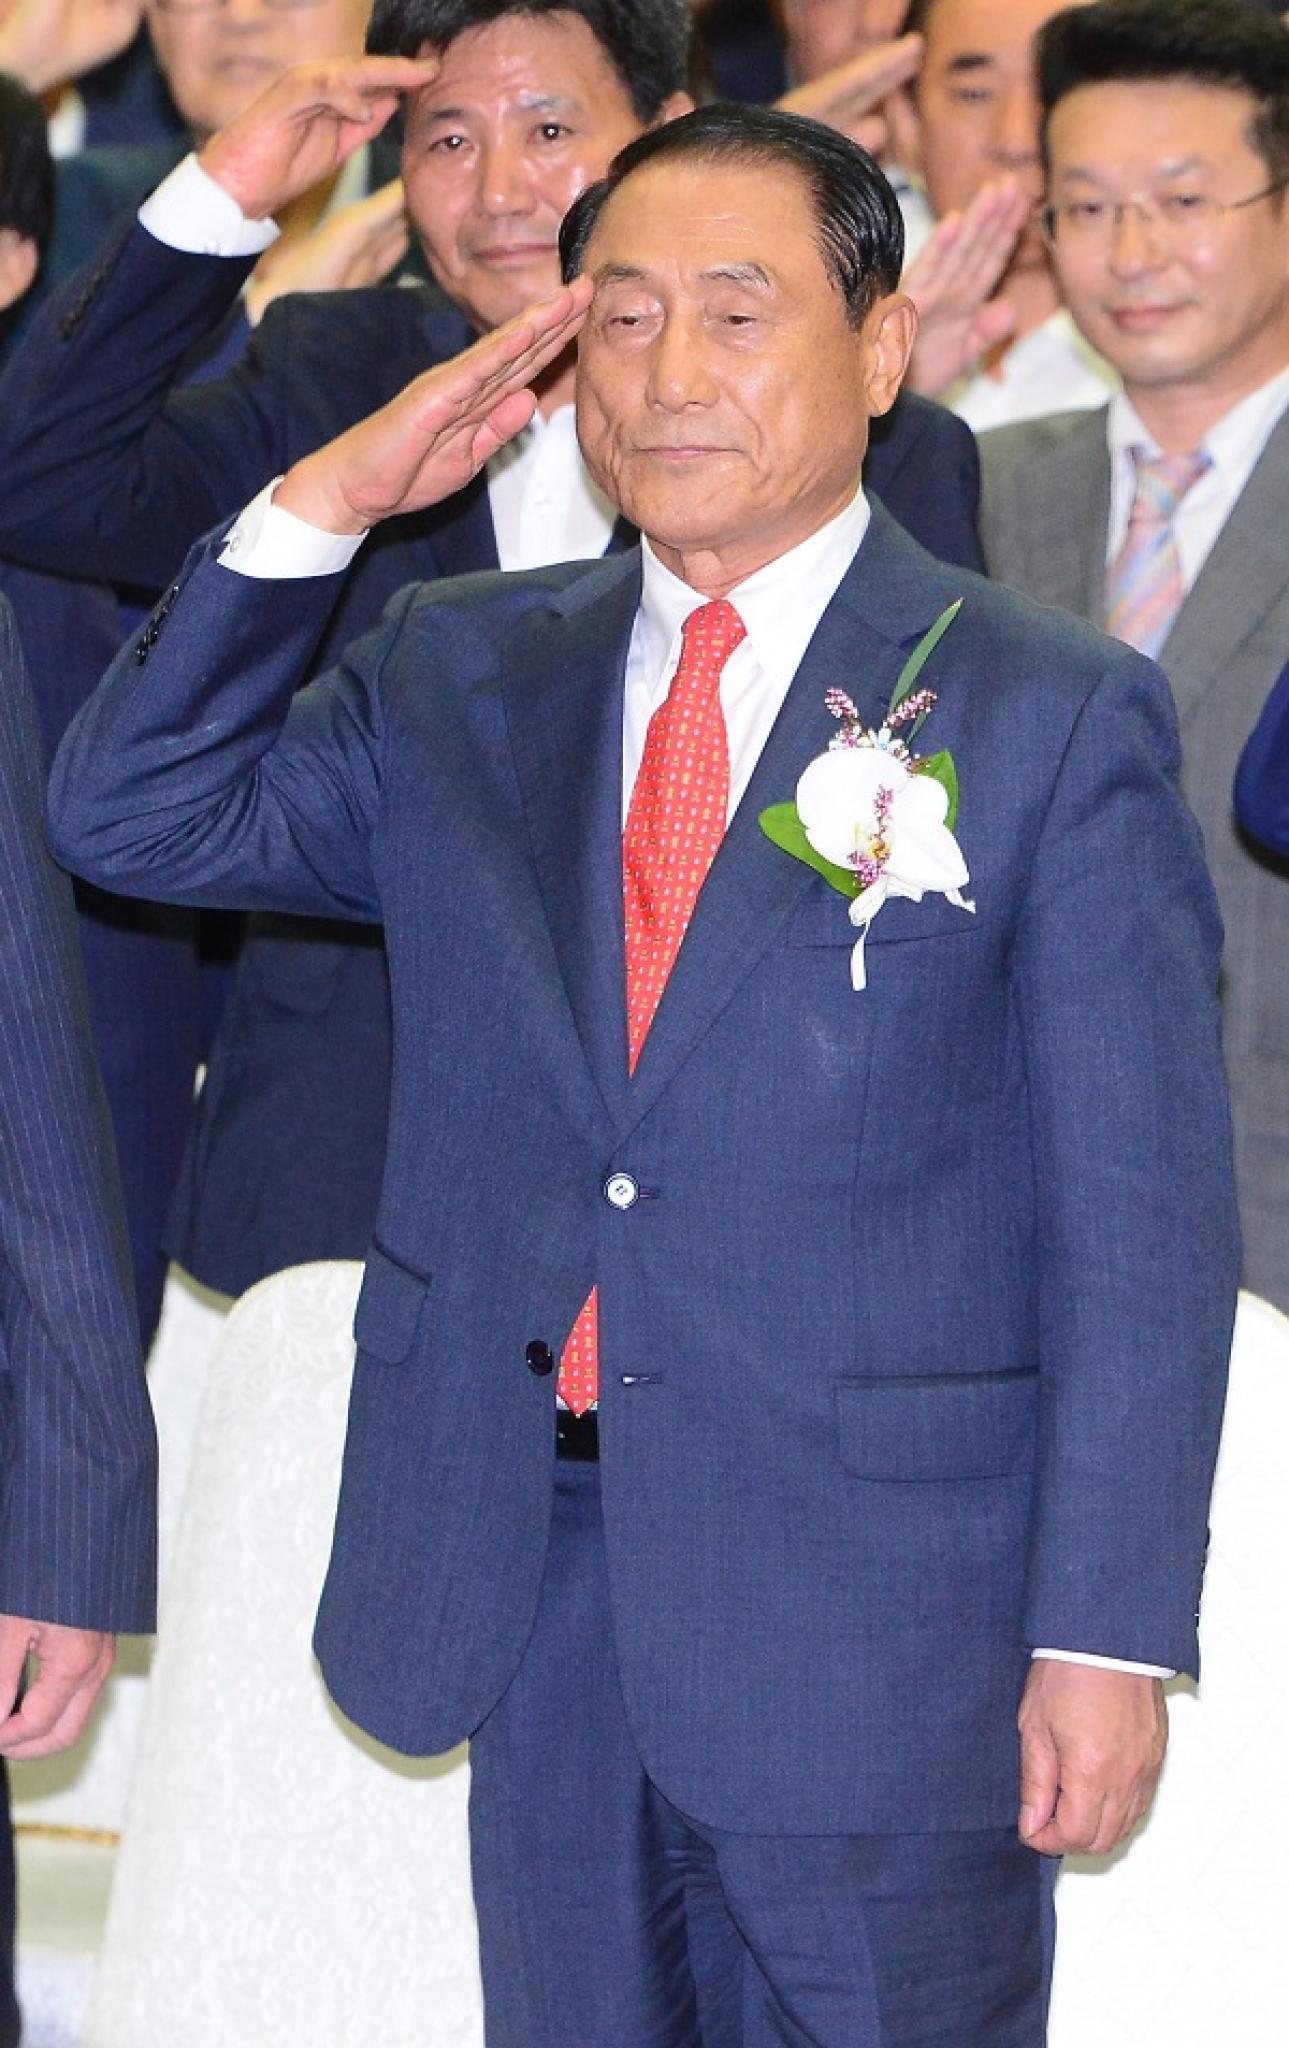 11일 오후 서울 영등포구 공군회관에서 열린 재향군인회 제36대 회장 선거에서 당선된 김진호 신임 회장(전 합참의장, 예비역 대장, 학군 2기)이 국기에 대한 경례를 하고 있다. /사진=뉴시스